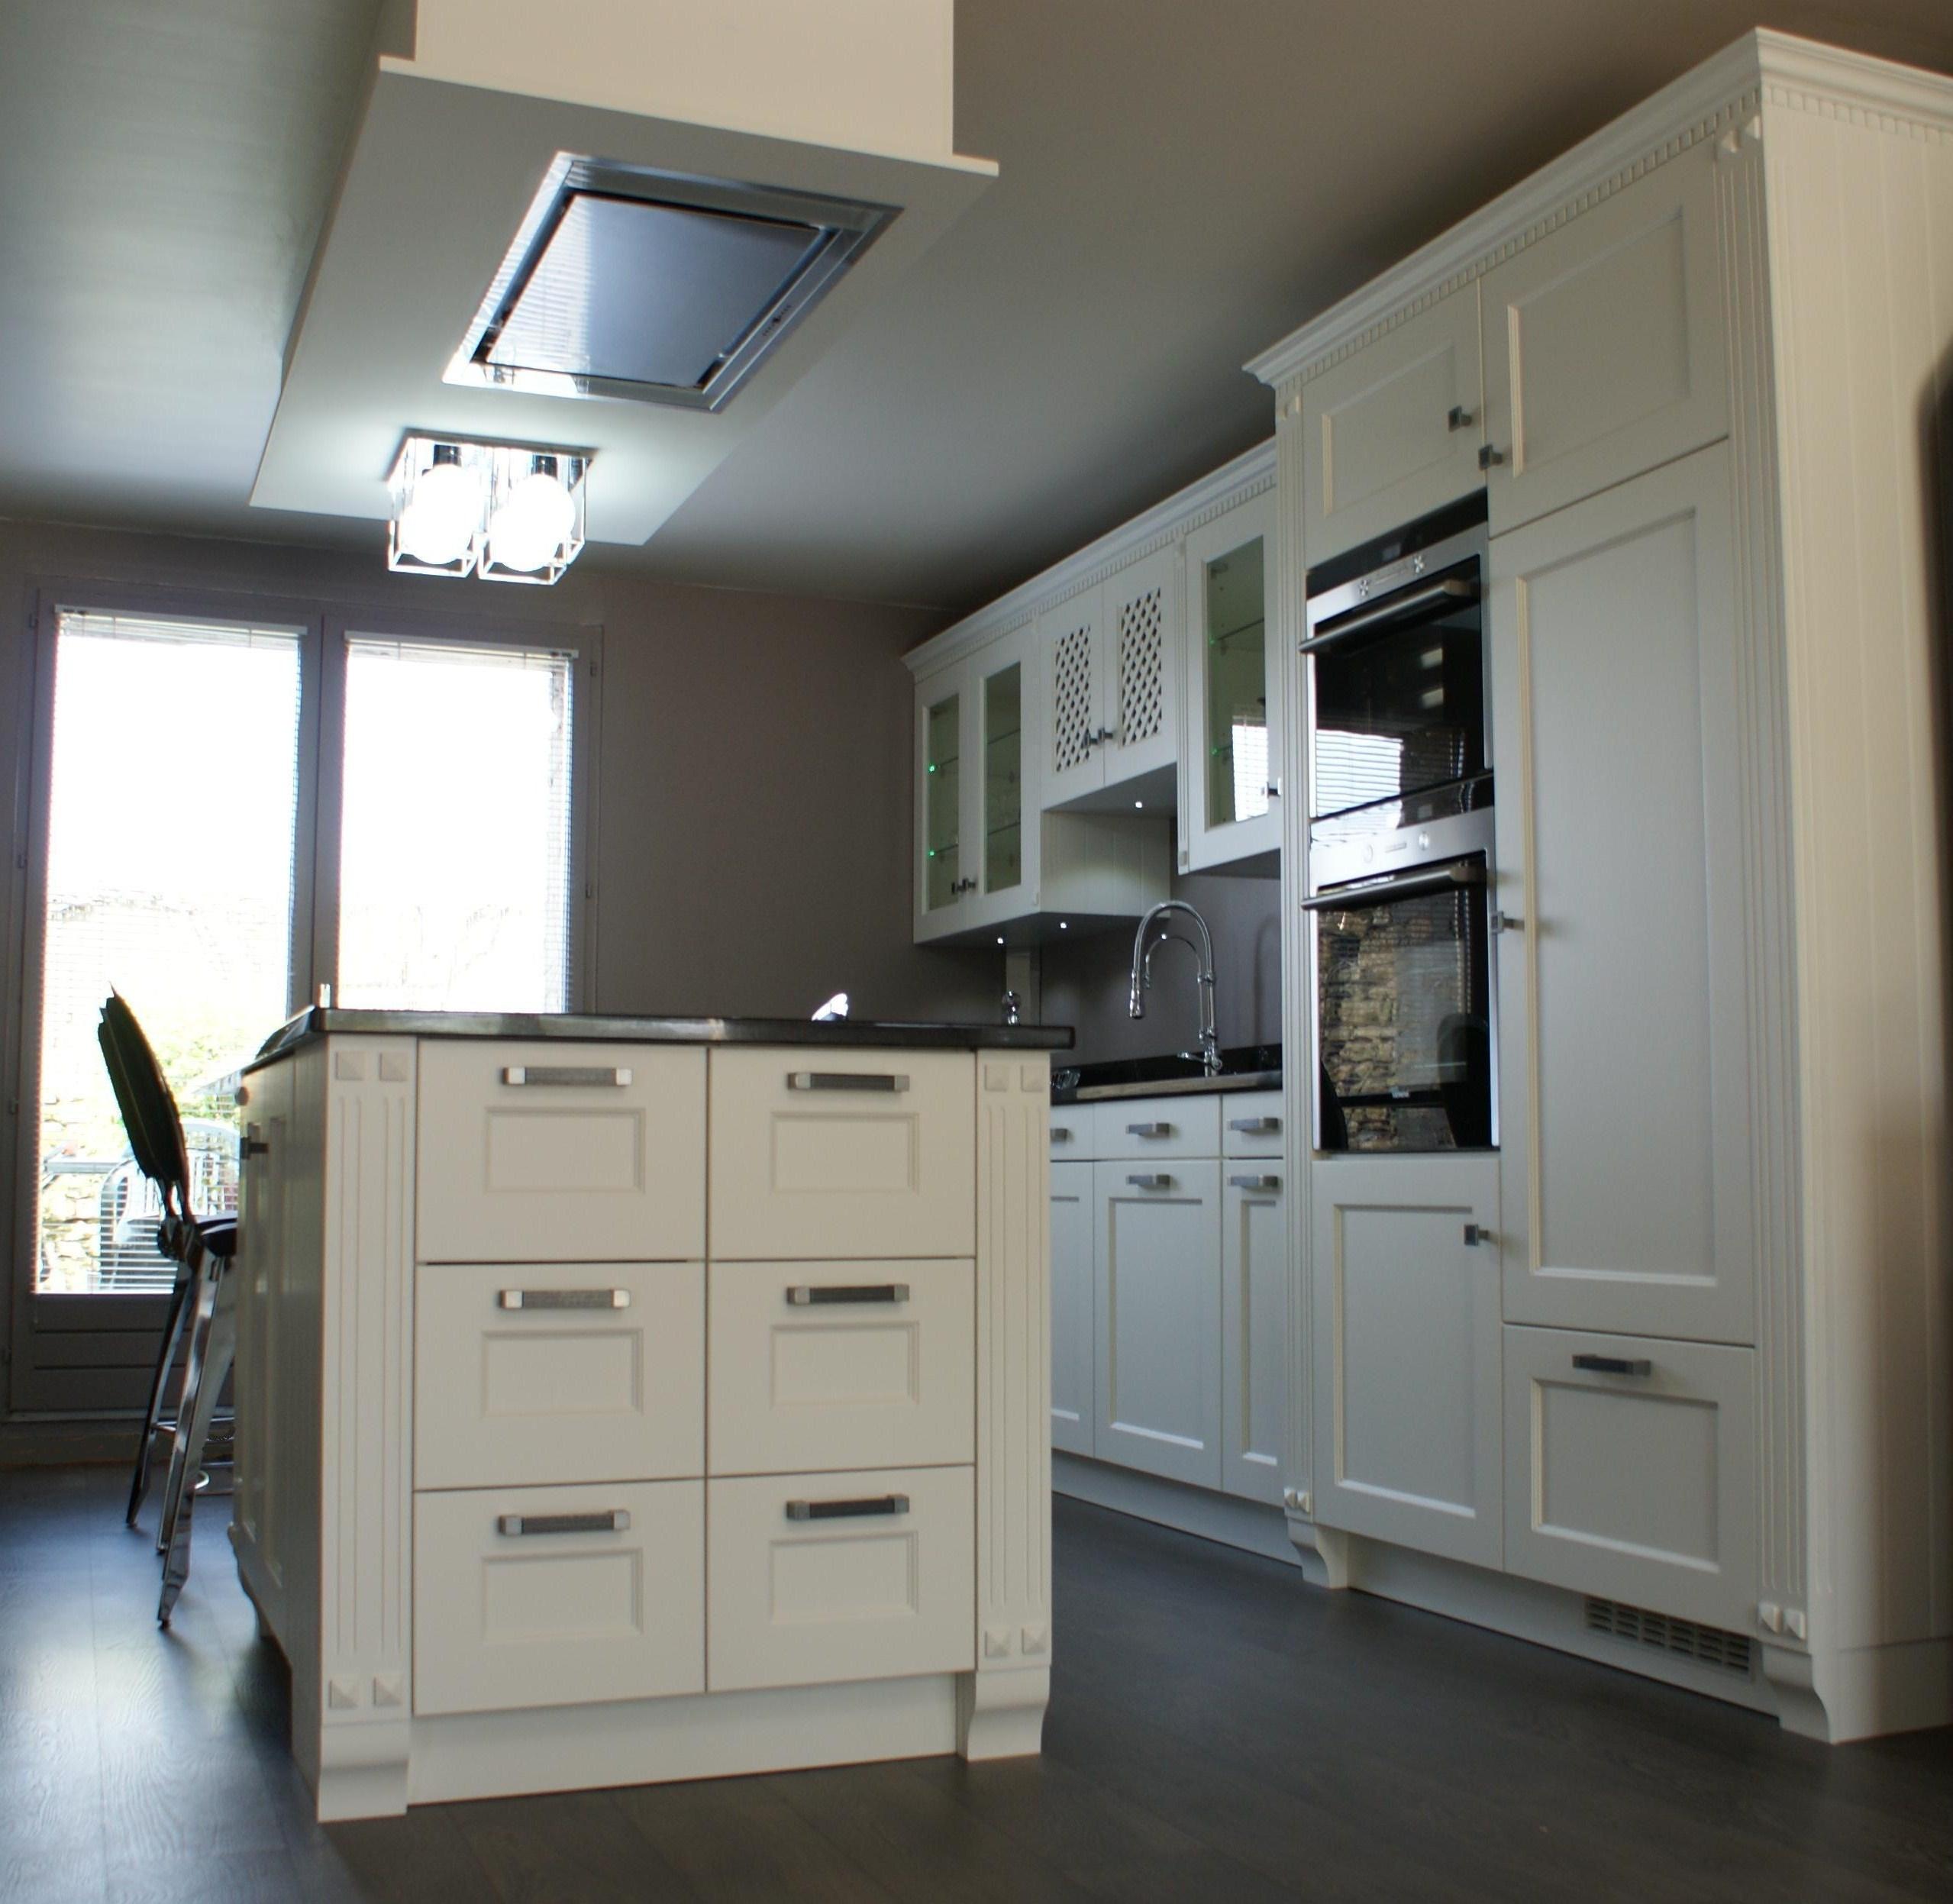 cuisines laurent. Black Bedroom Furniture Sets. Home Design Ideas